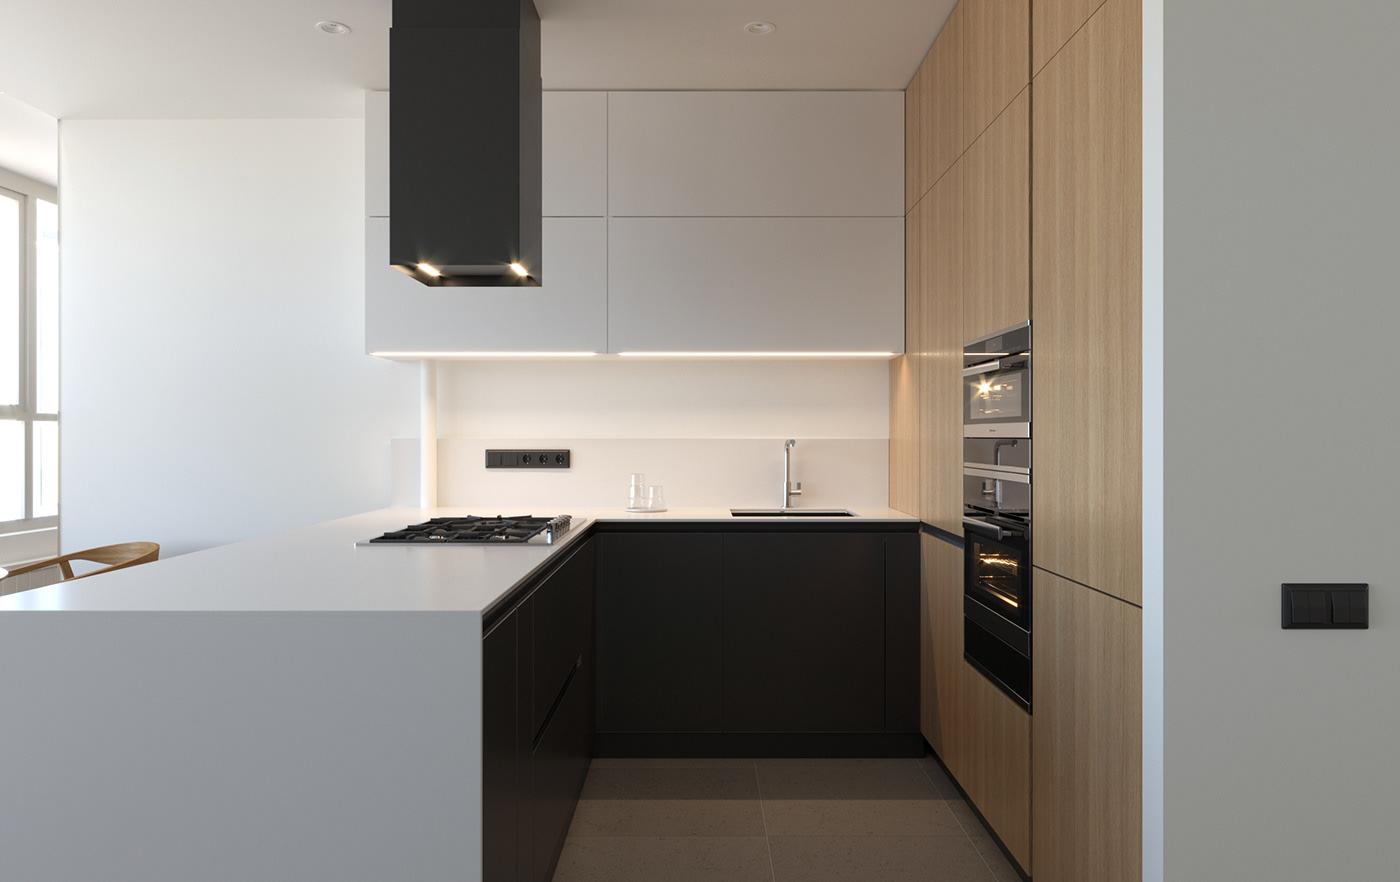 Kiến trúc sư tư vấn thiết kế nhà cấp 4 với diện tích 90m² chi phí tiết kiệm chỉ 180 triệu - Ảnh 5.